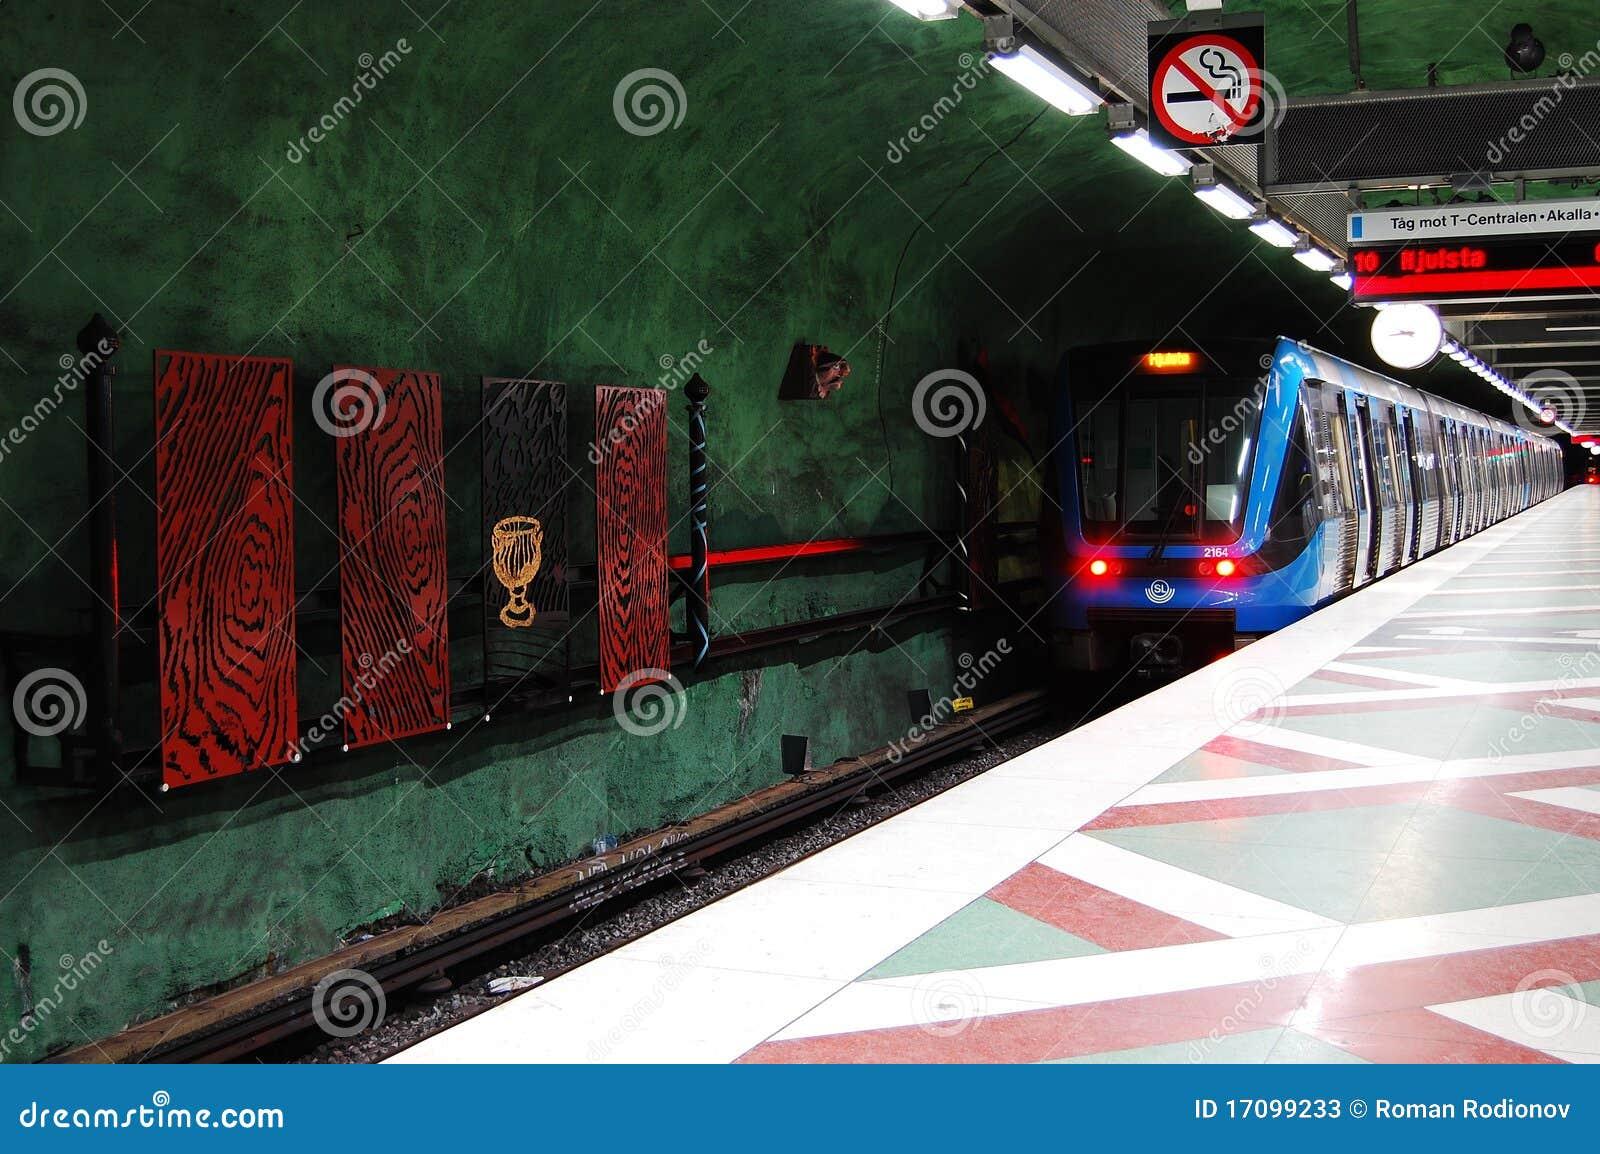 шведский язык метро